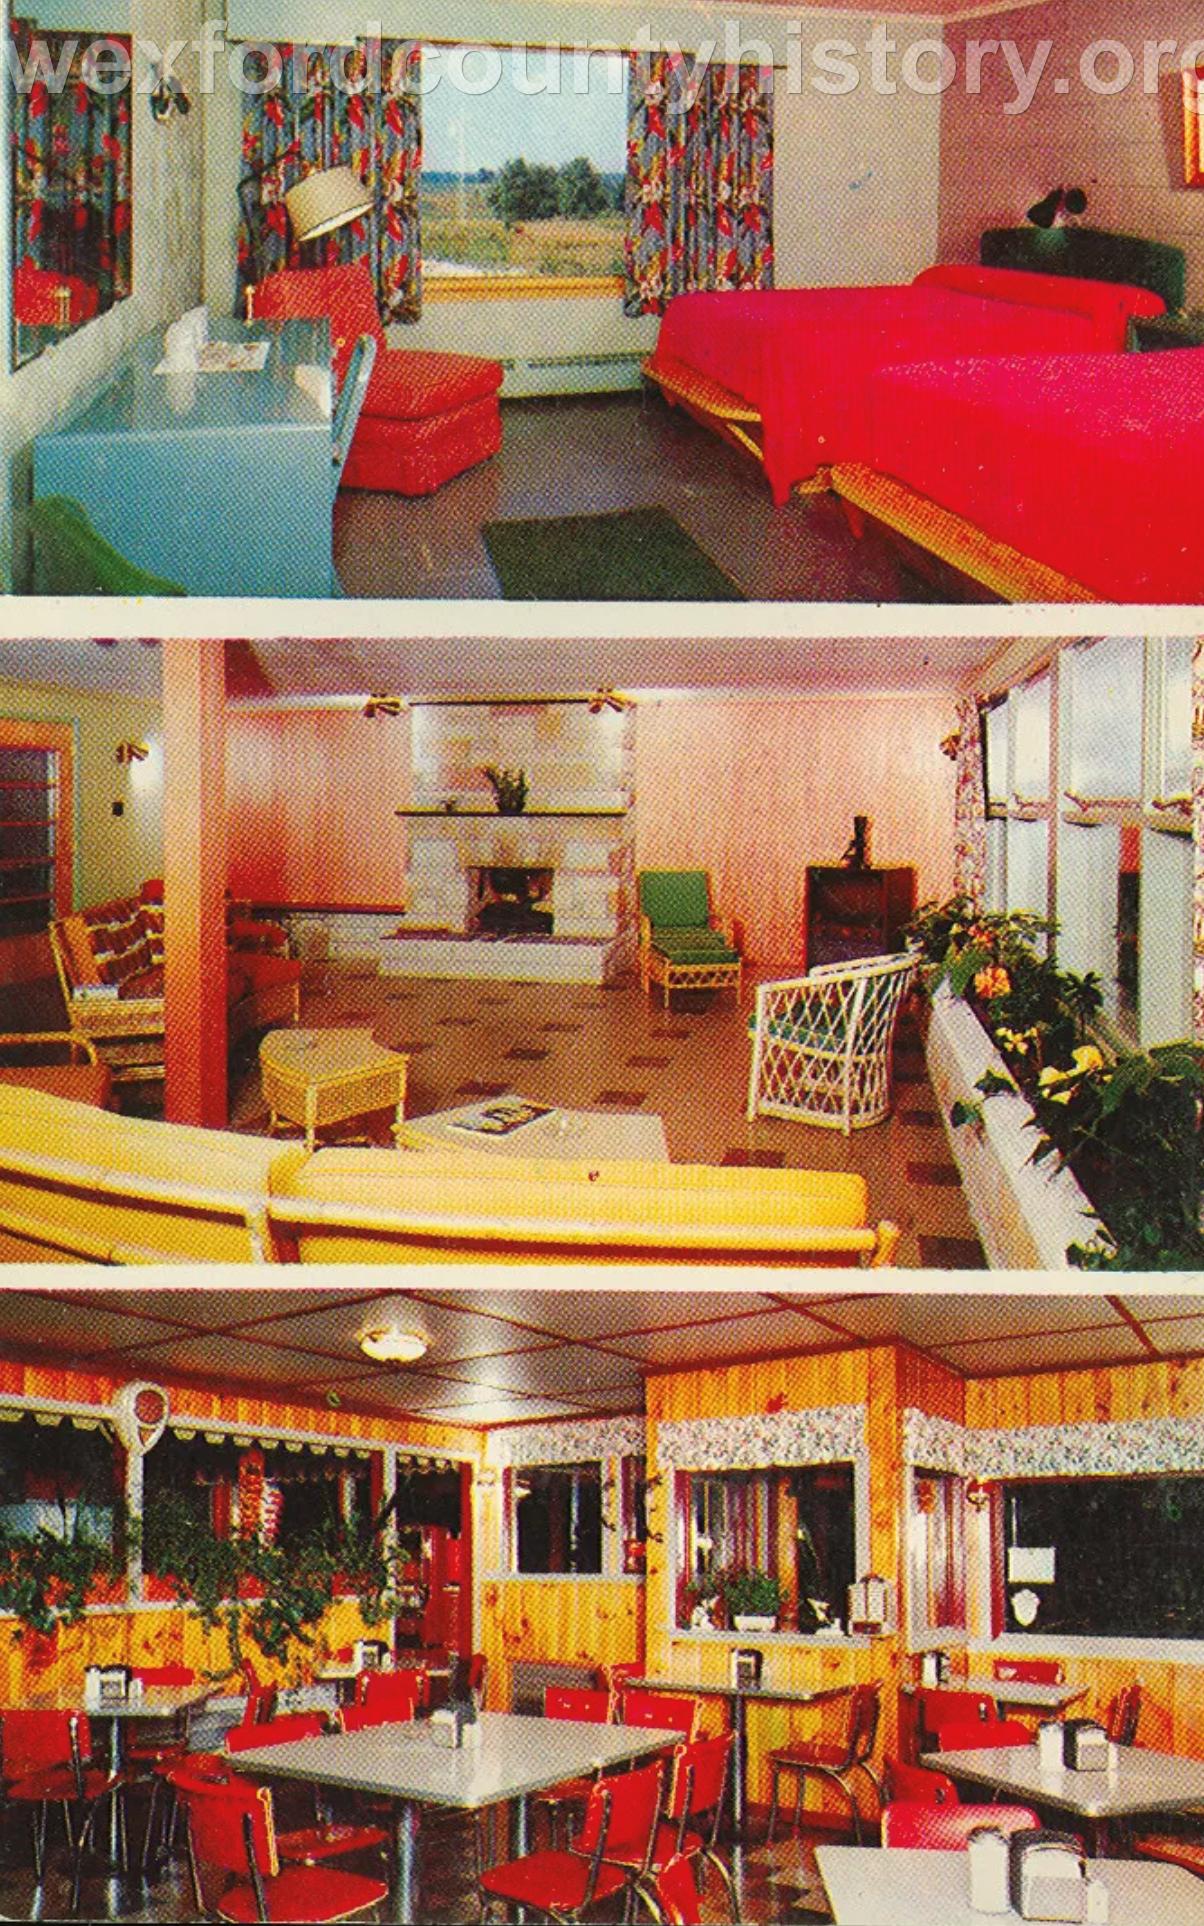 McGuire's Resort